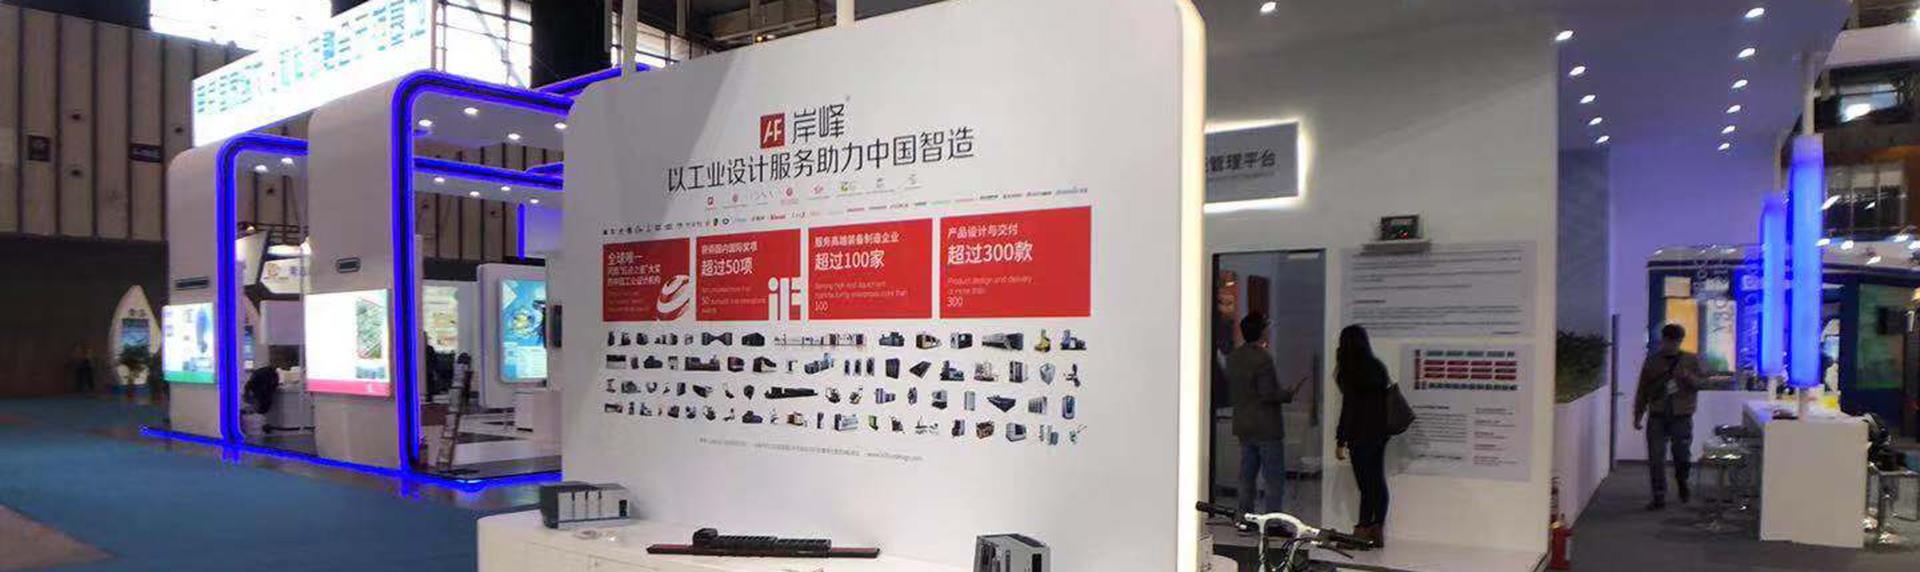 LOL资讯-中国(南京)文化科技融合成果交易会展台设计